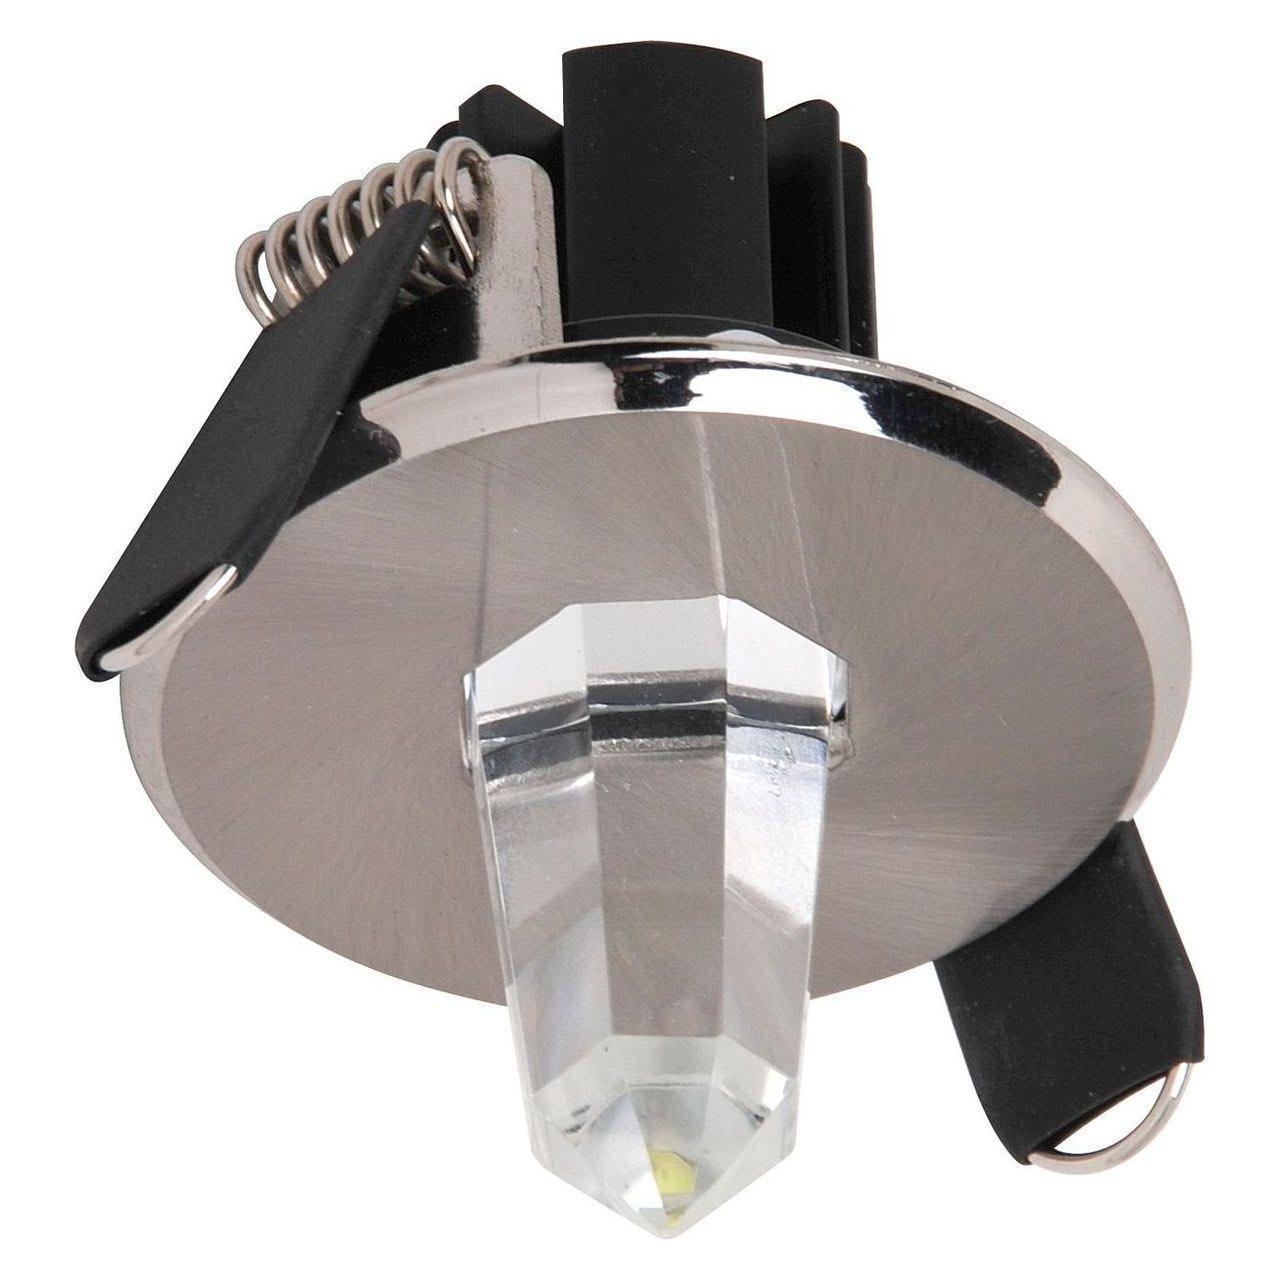 Встраиваемый светодиодный светильник Horoz Natalia красный 016-001-0001 (HL815L) встраиваемый светодиодный светильник horoz natalia красный 016 001 0001